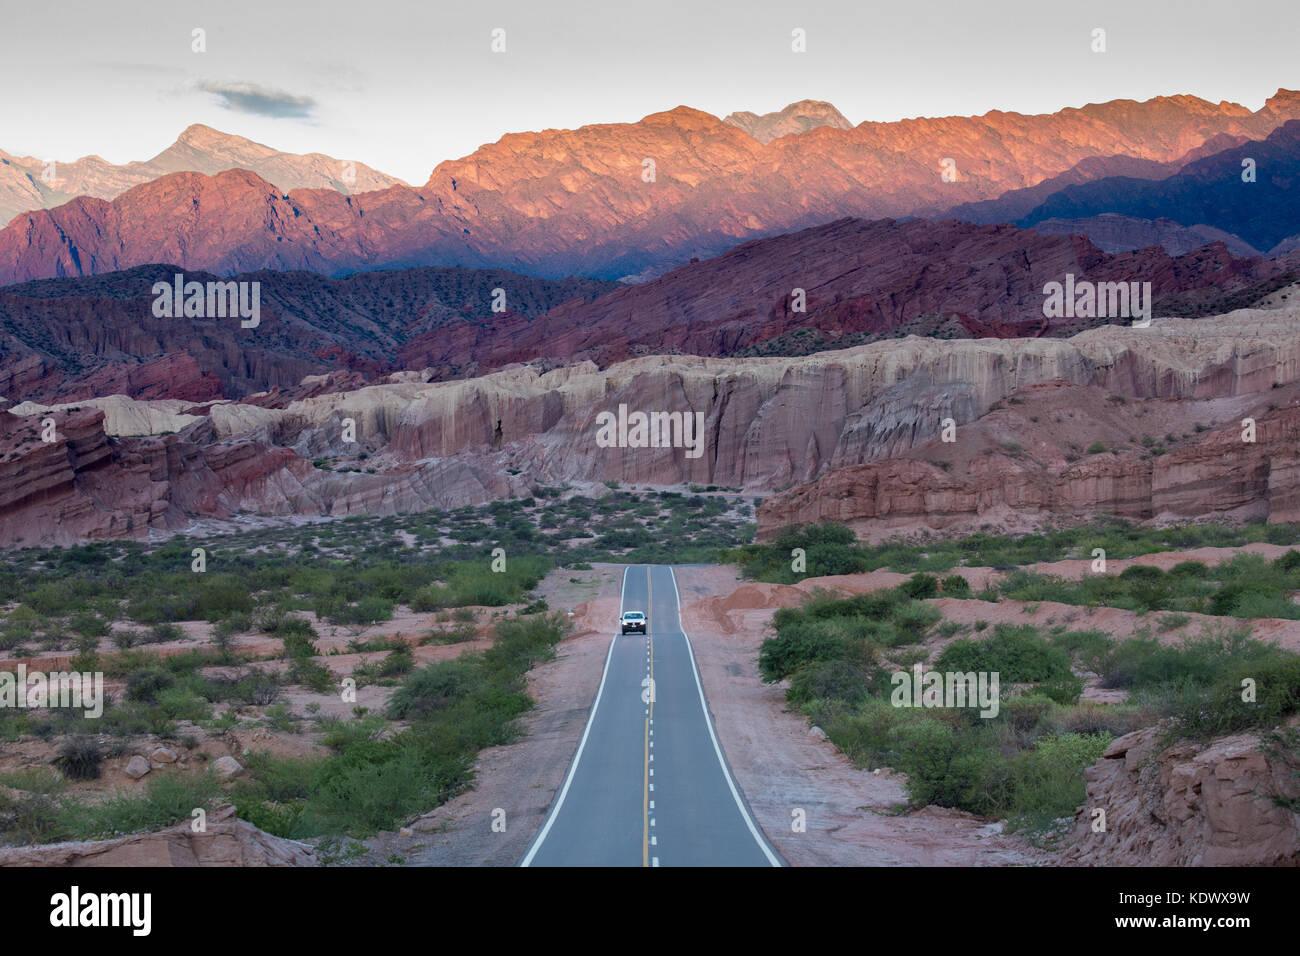 Un coche en la carretera en la Quebrada de la caracolas, Valles Calchaquíes, Provincia de Salta, Argentina Imagen De Stock